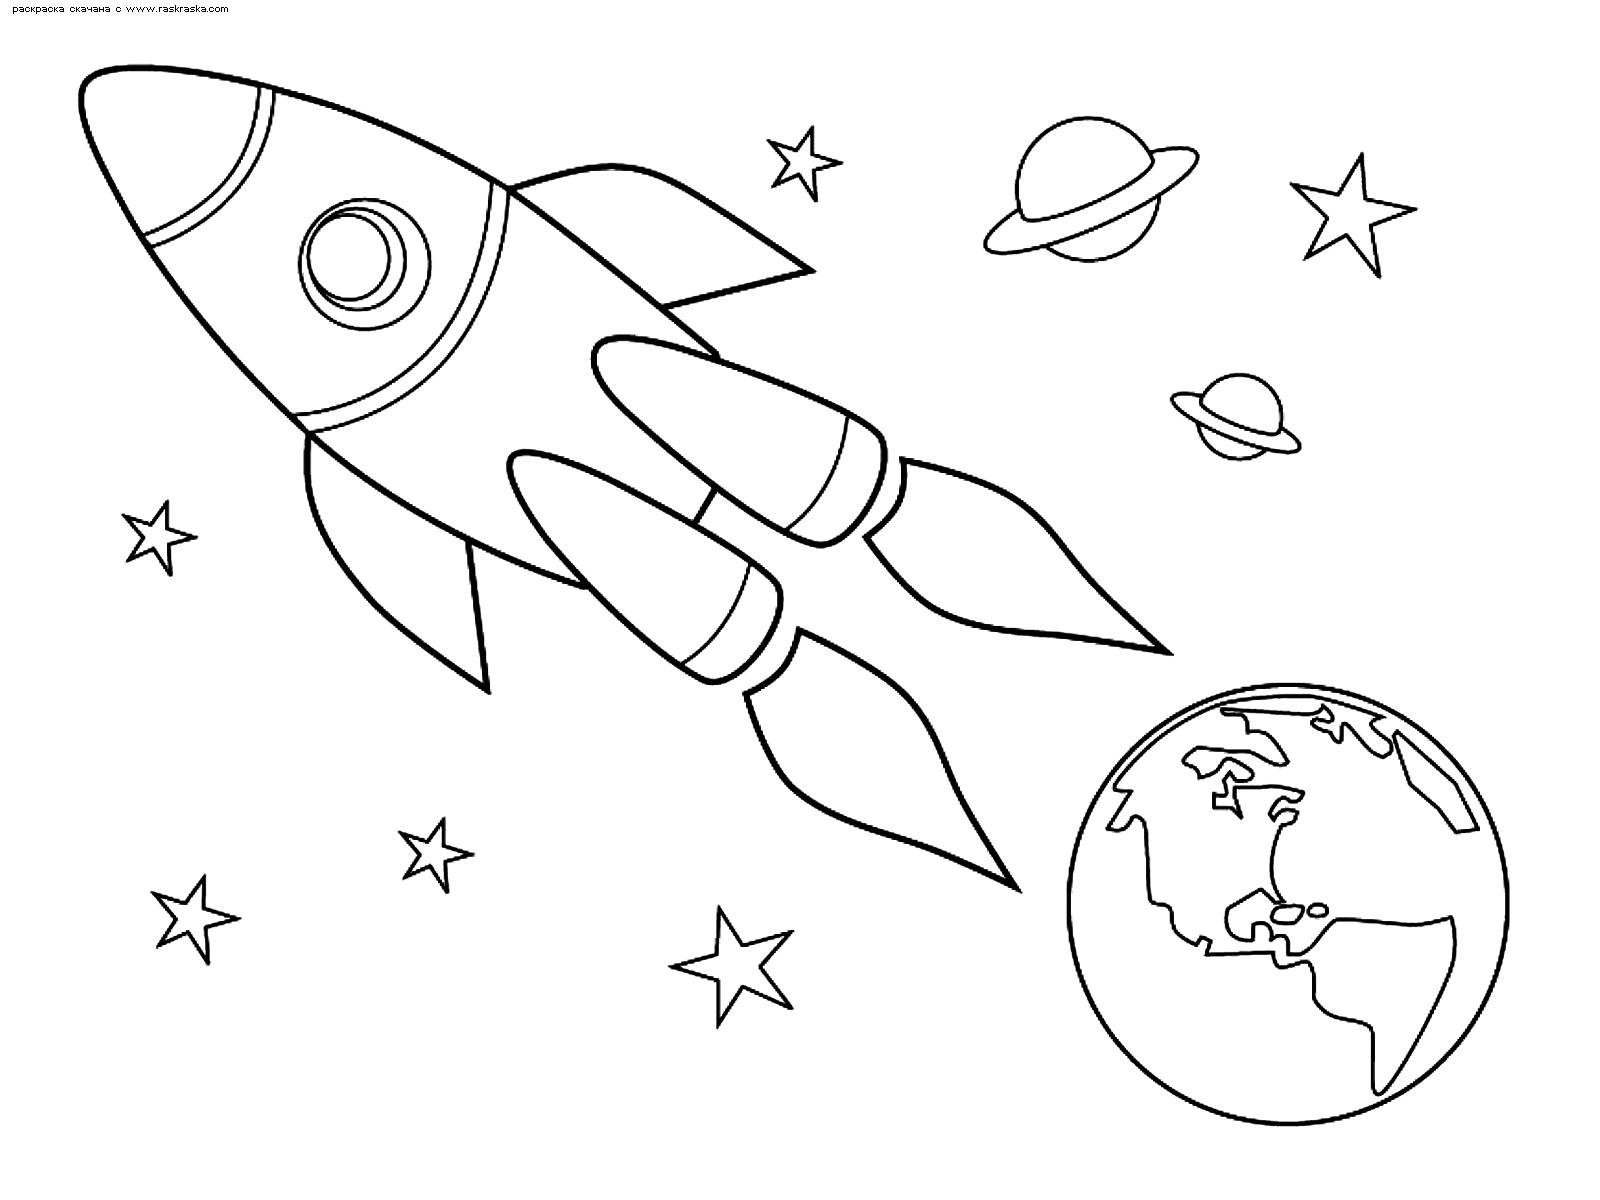 Раскраска Ракета улетает от Земли. Раскраска космическая ракета